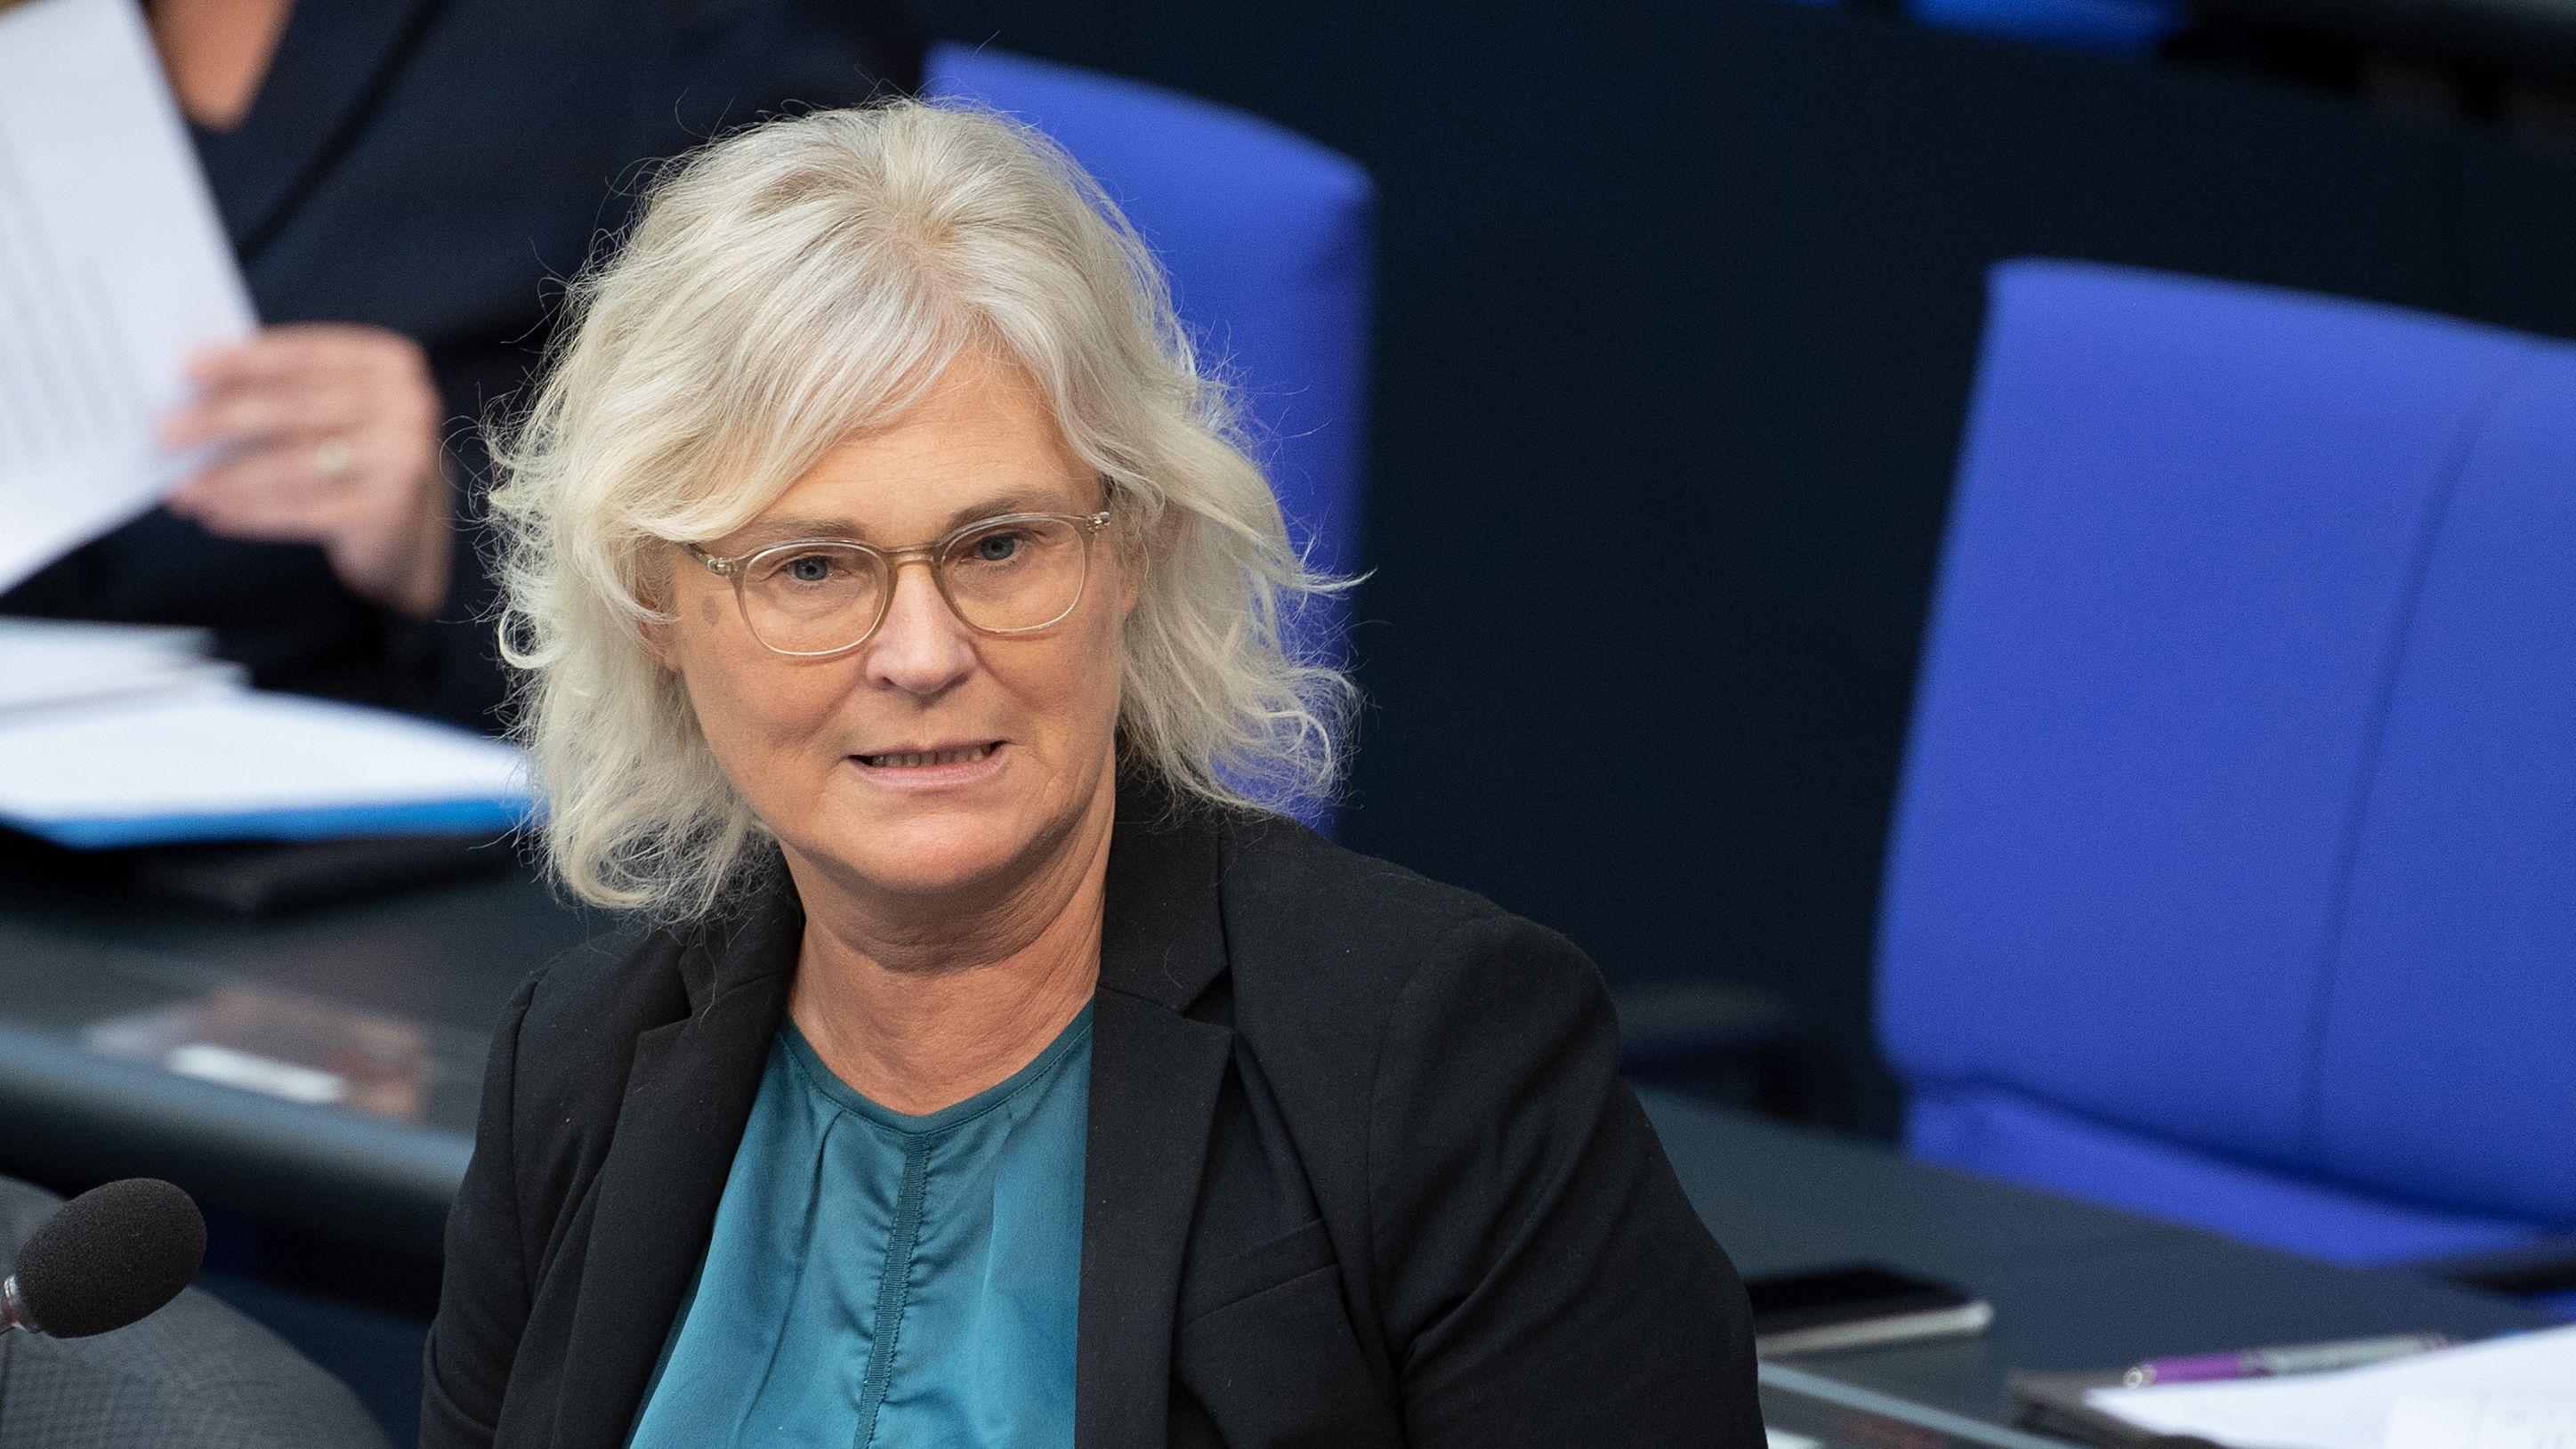 Christine Lambrecht soll neue Justizministerin werden